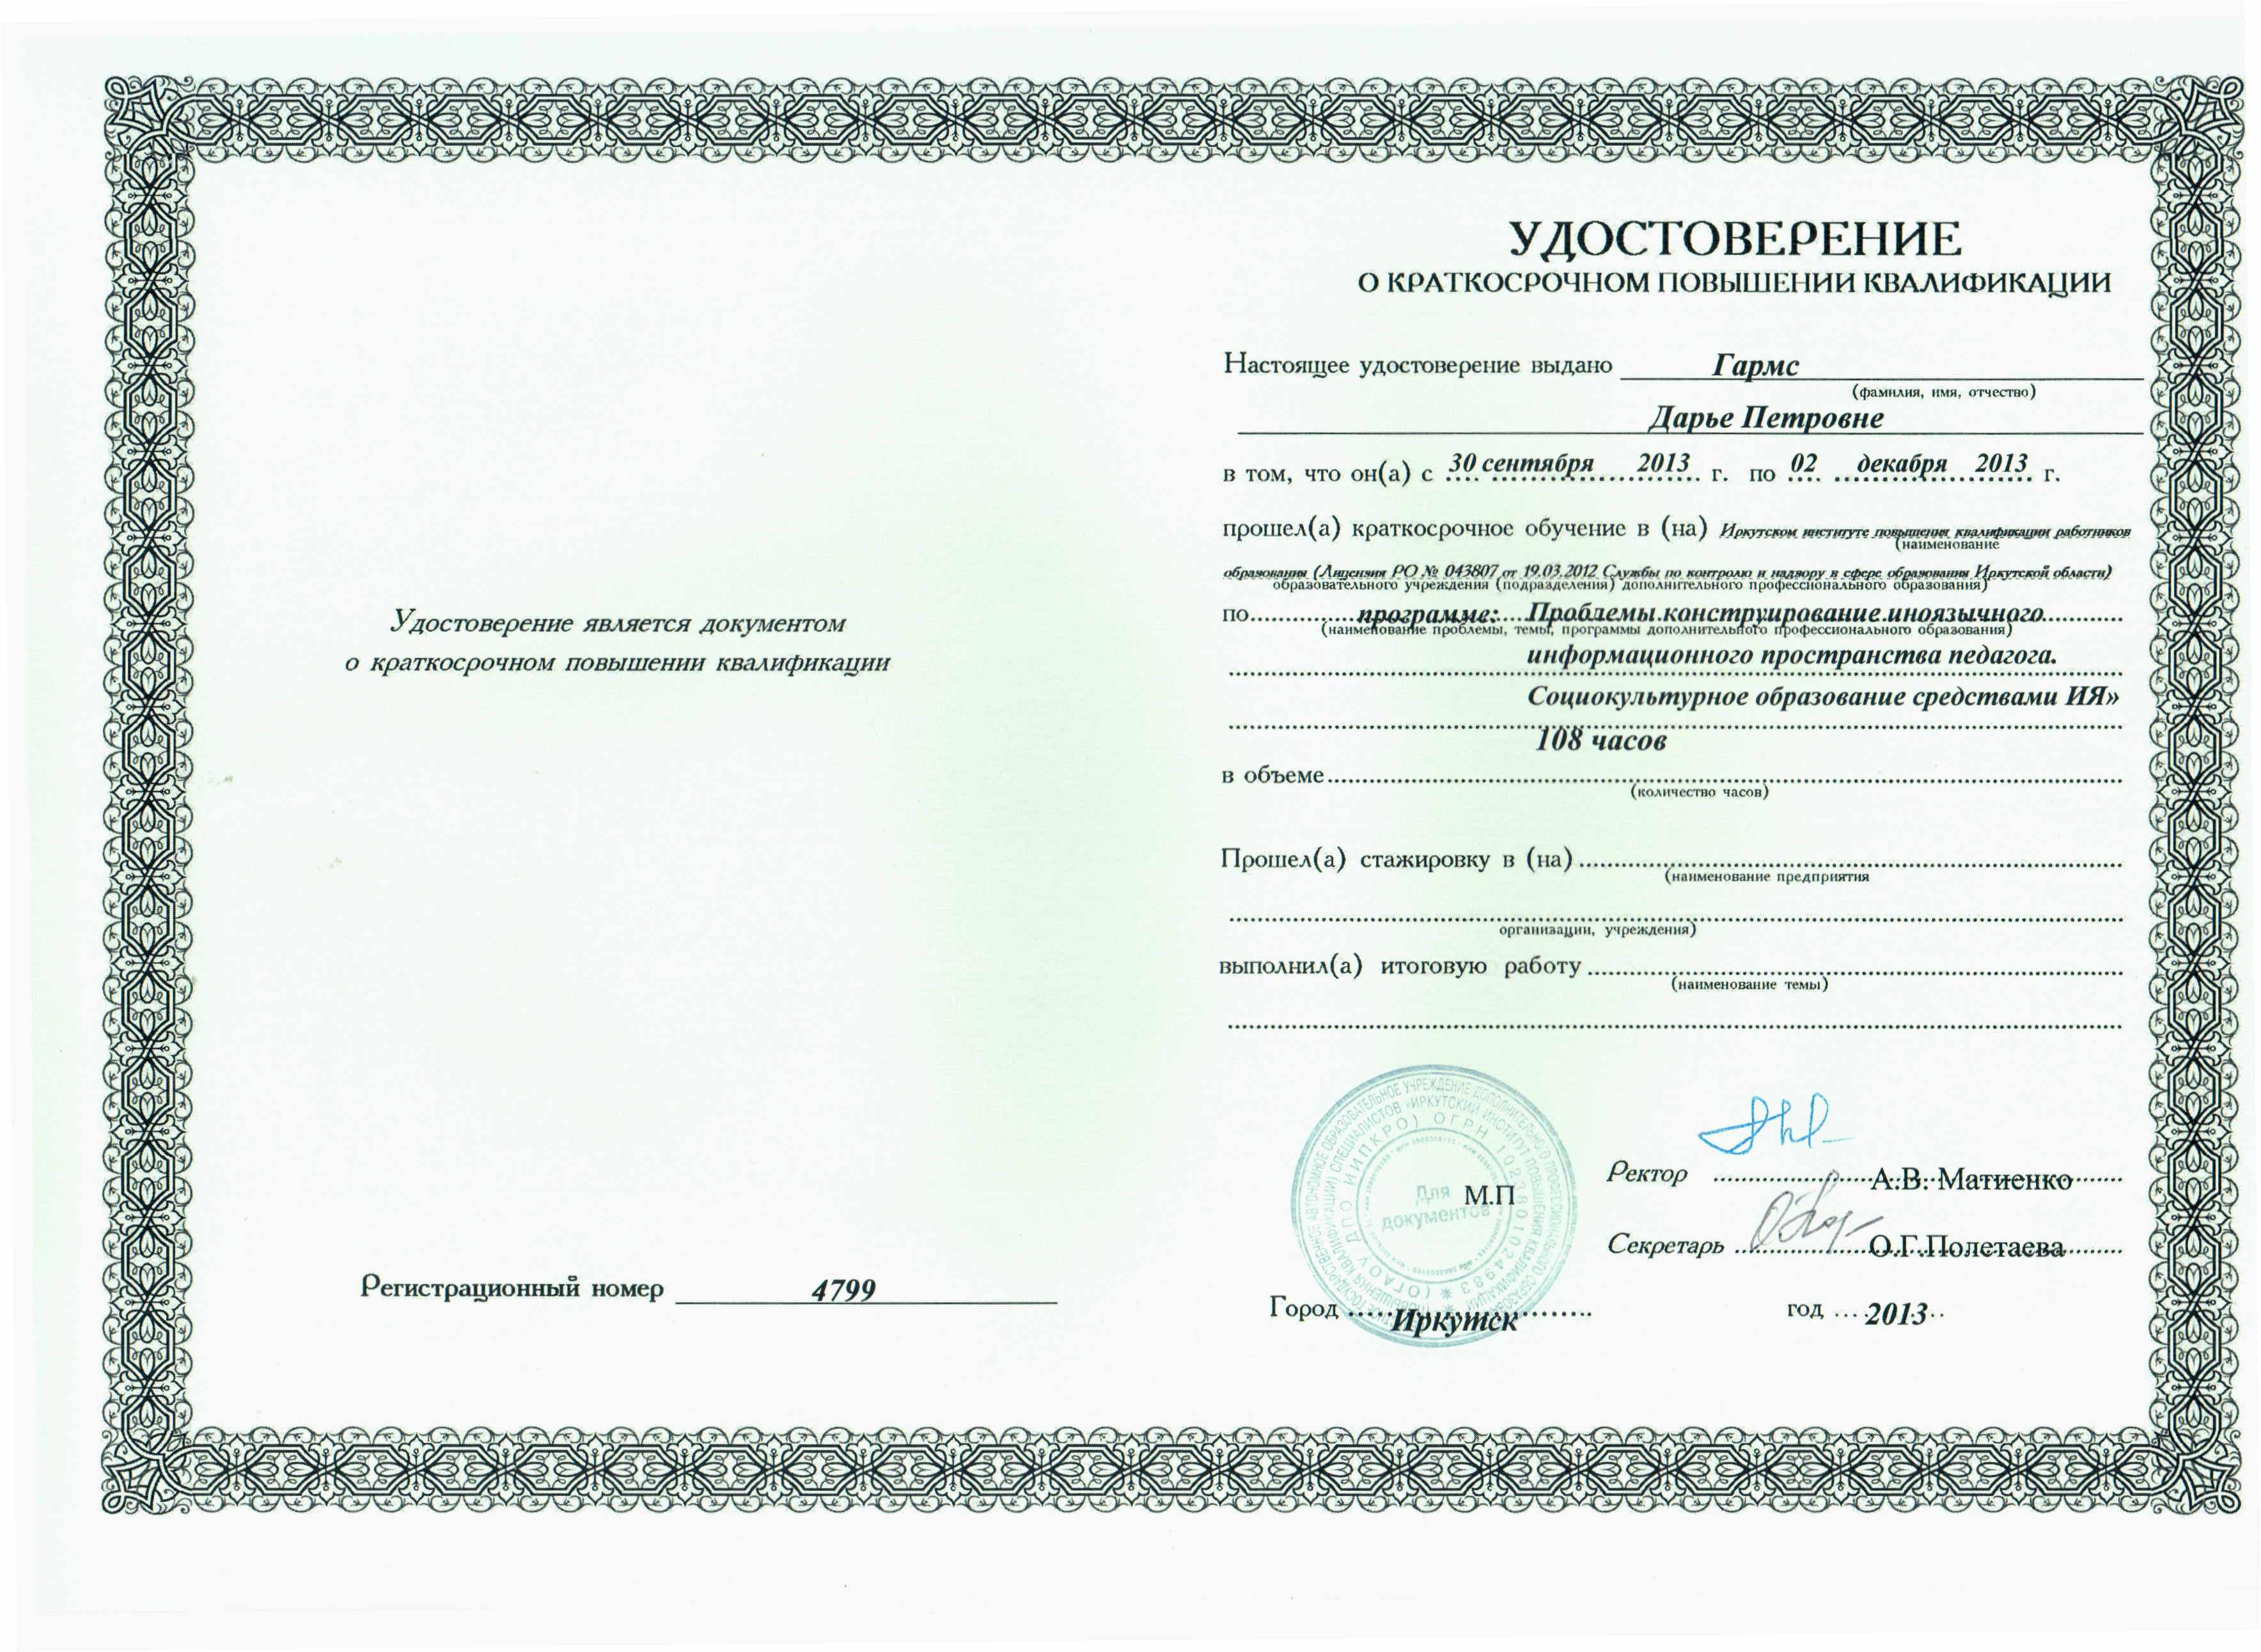 Повышение квалификации Гармс Дарья Петровна УУД · Курсы март 2014 · Курсы 108 часов